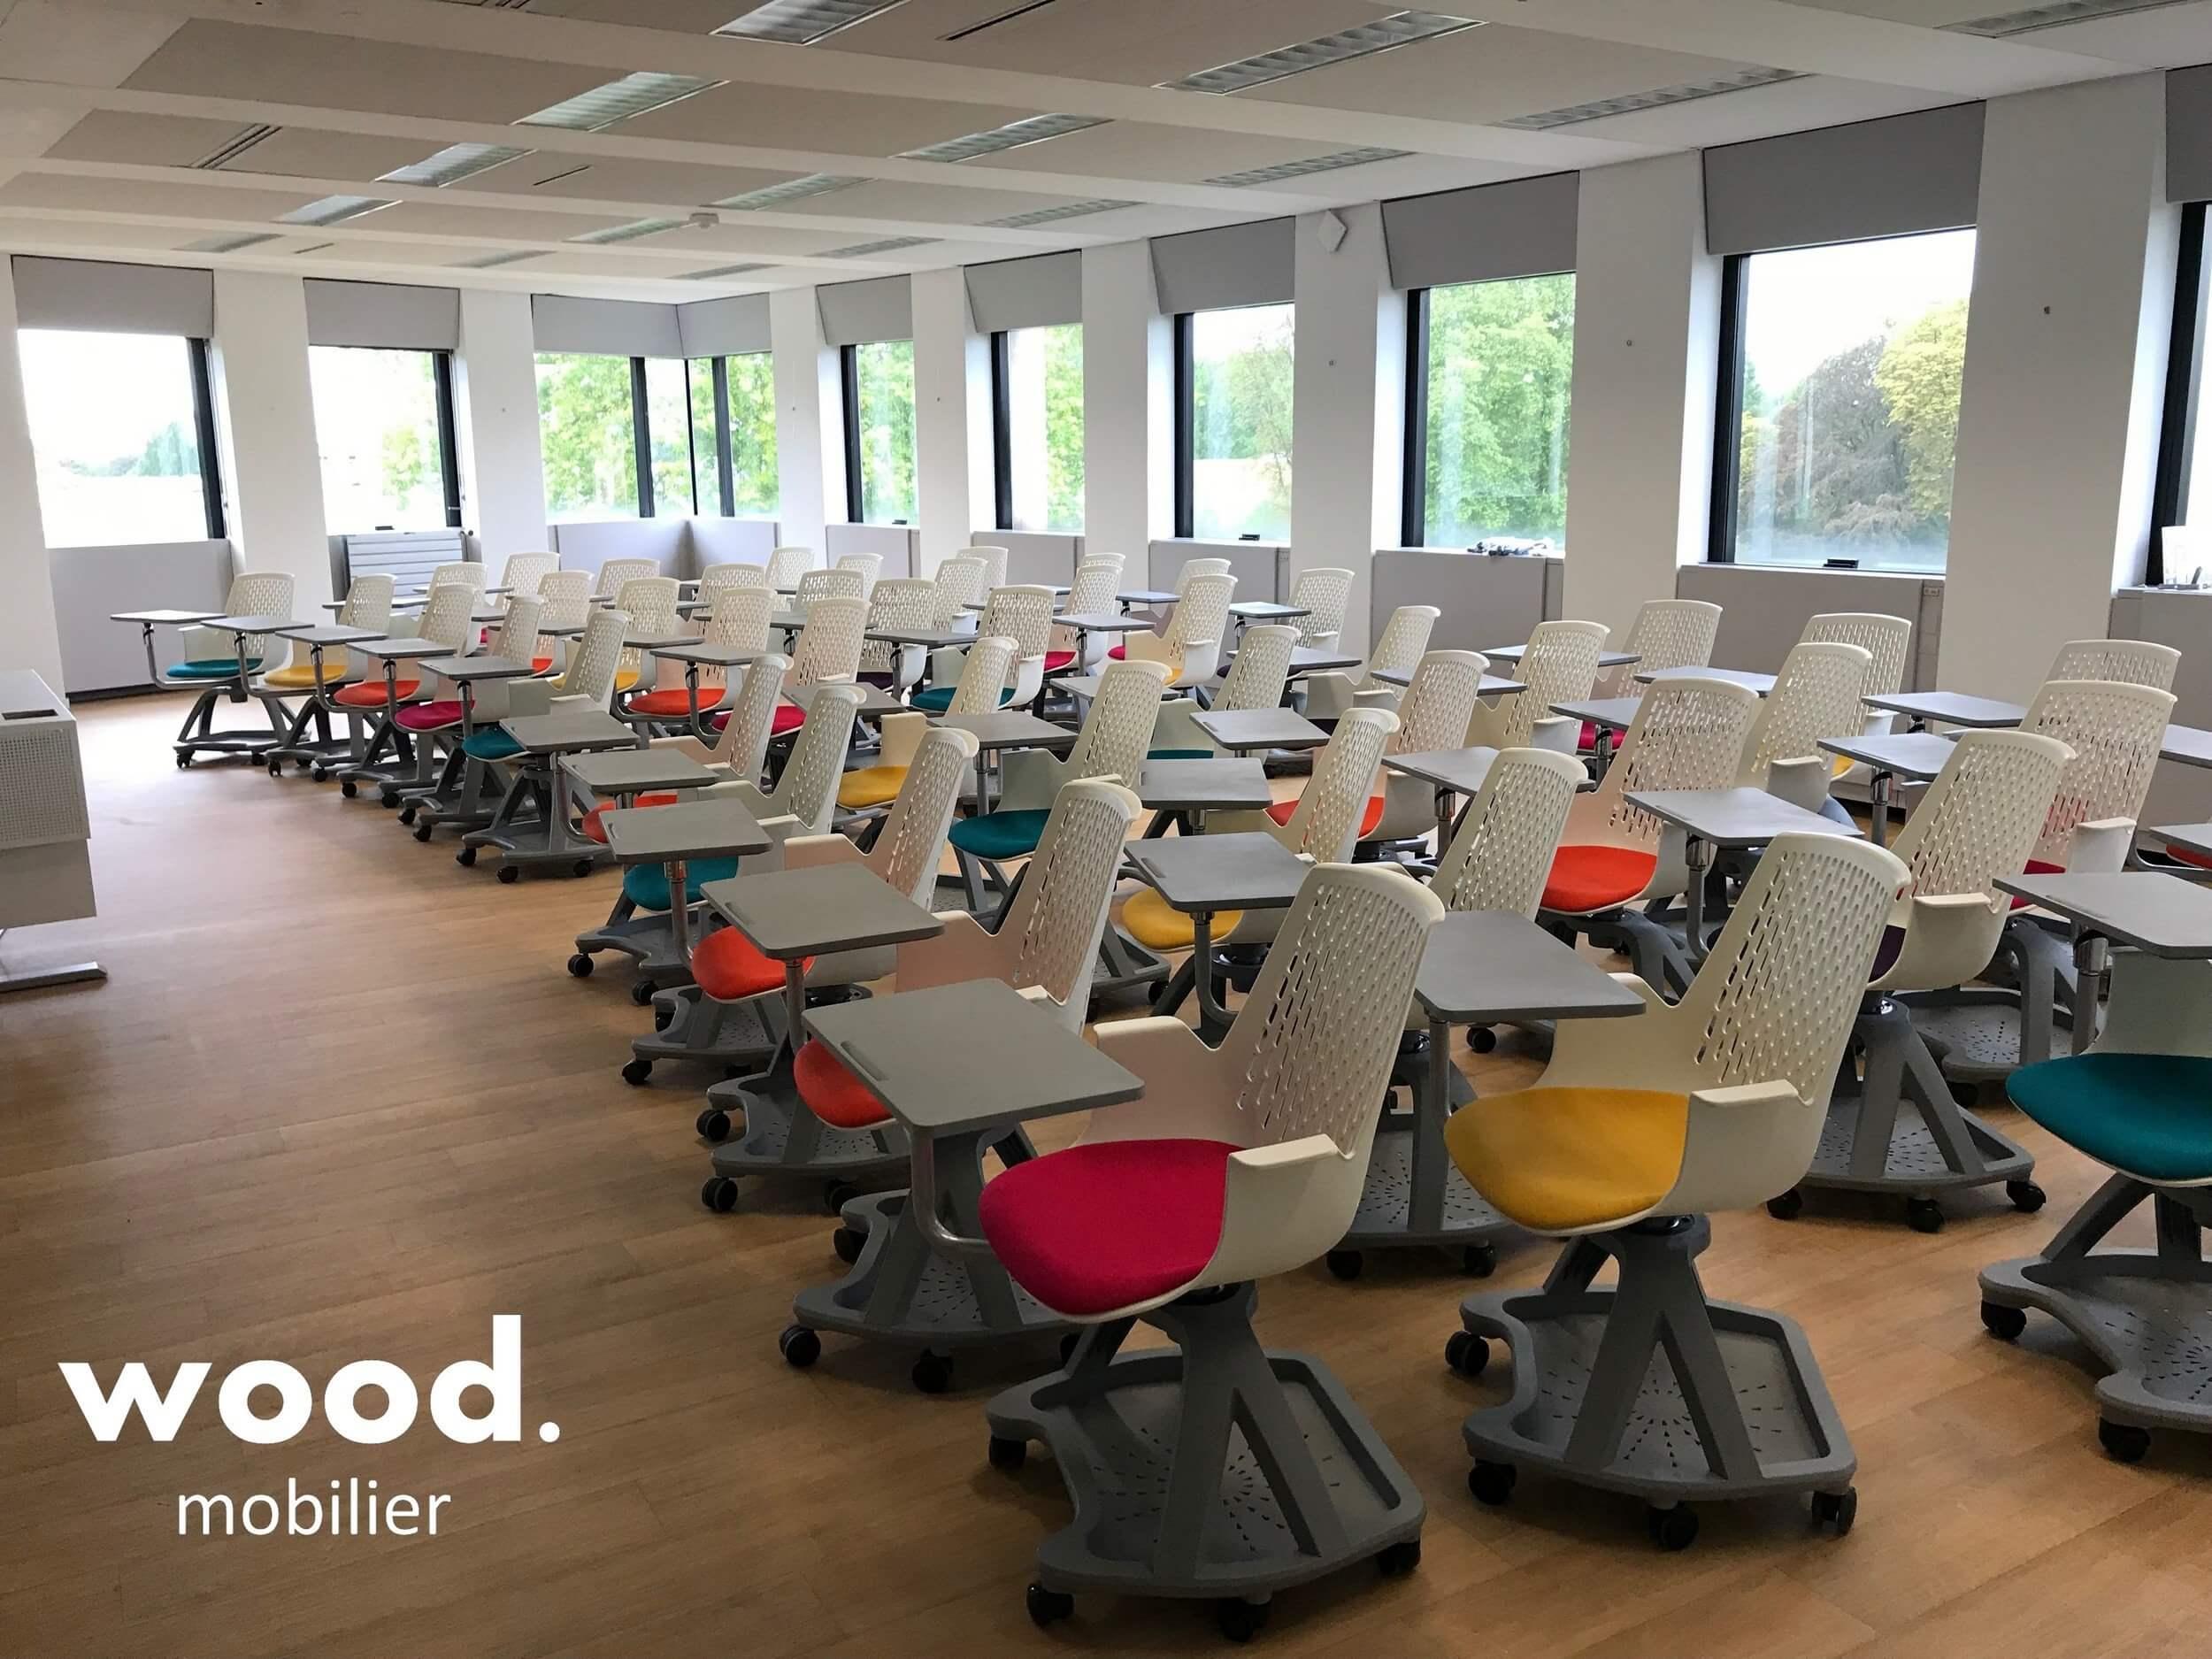 Aménagement d'une salle de classe avec des fauteuils TEACH